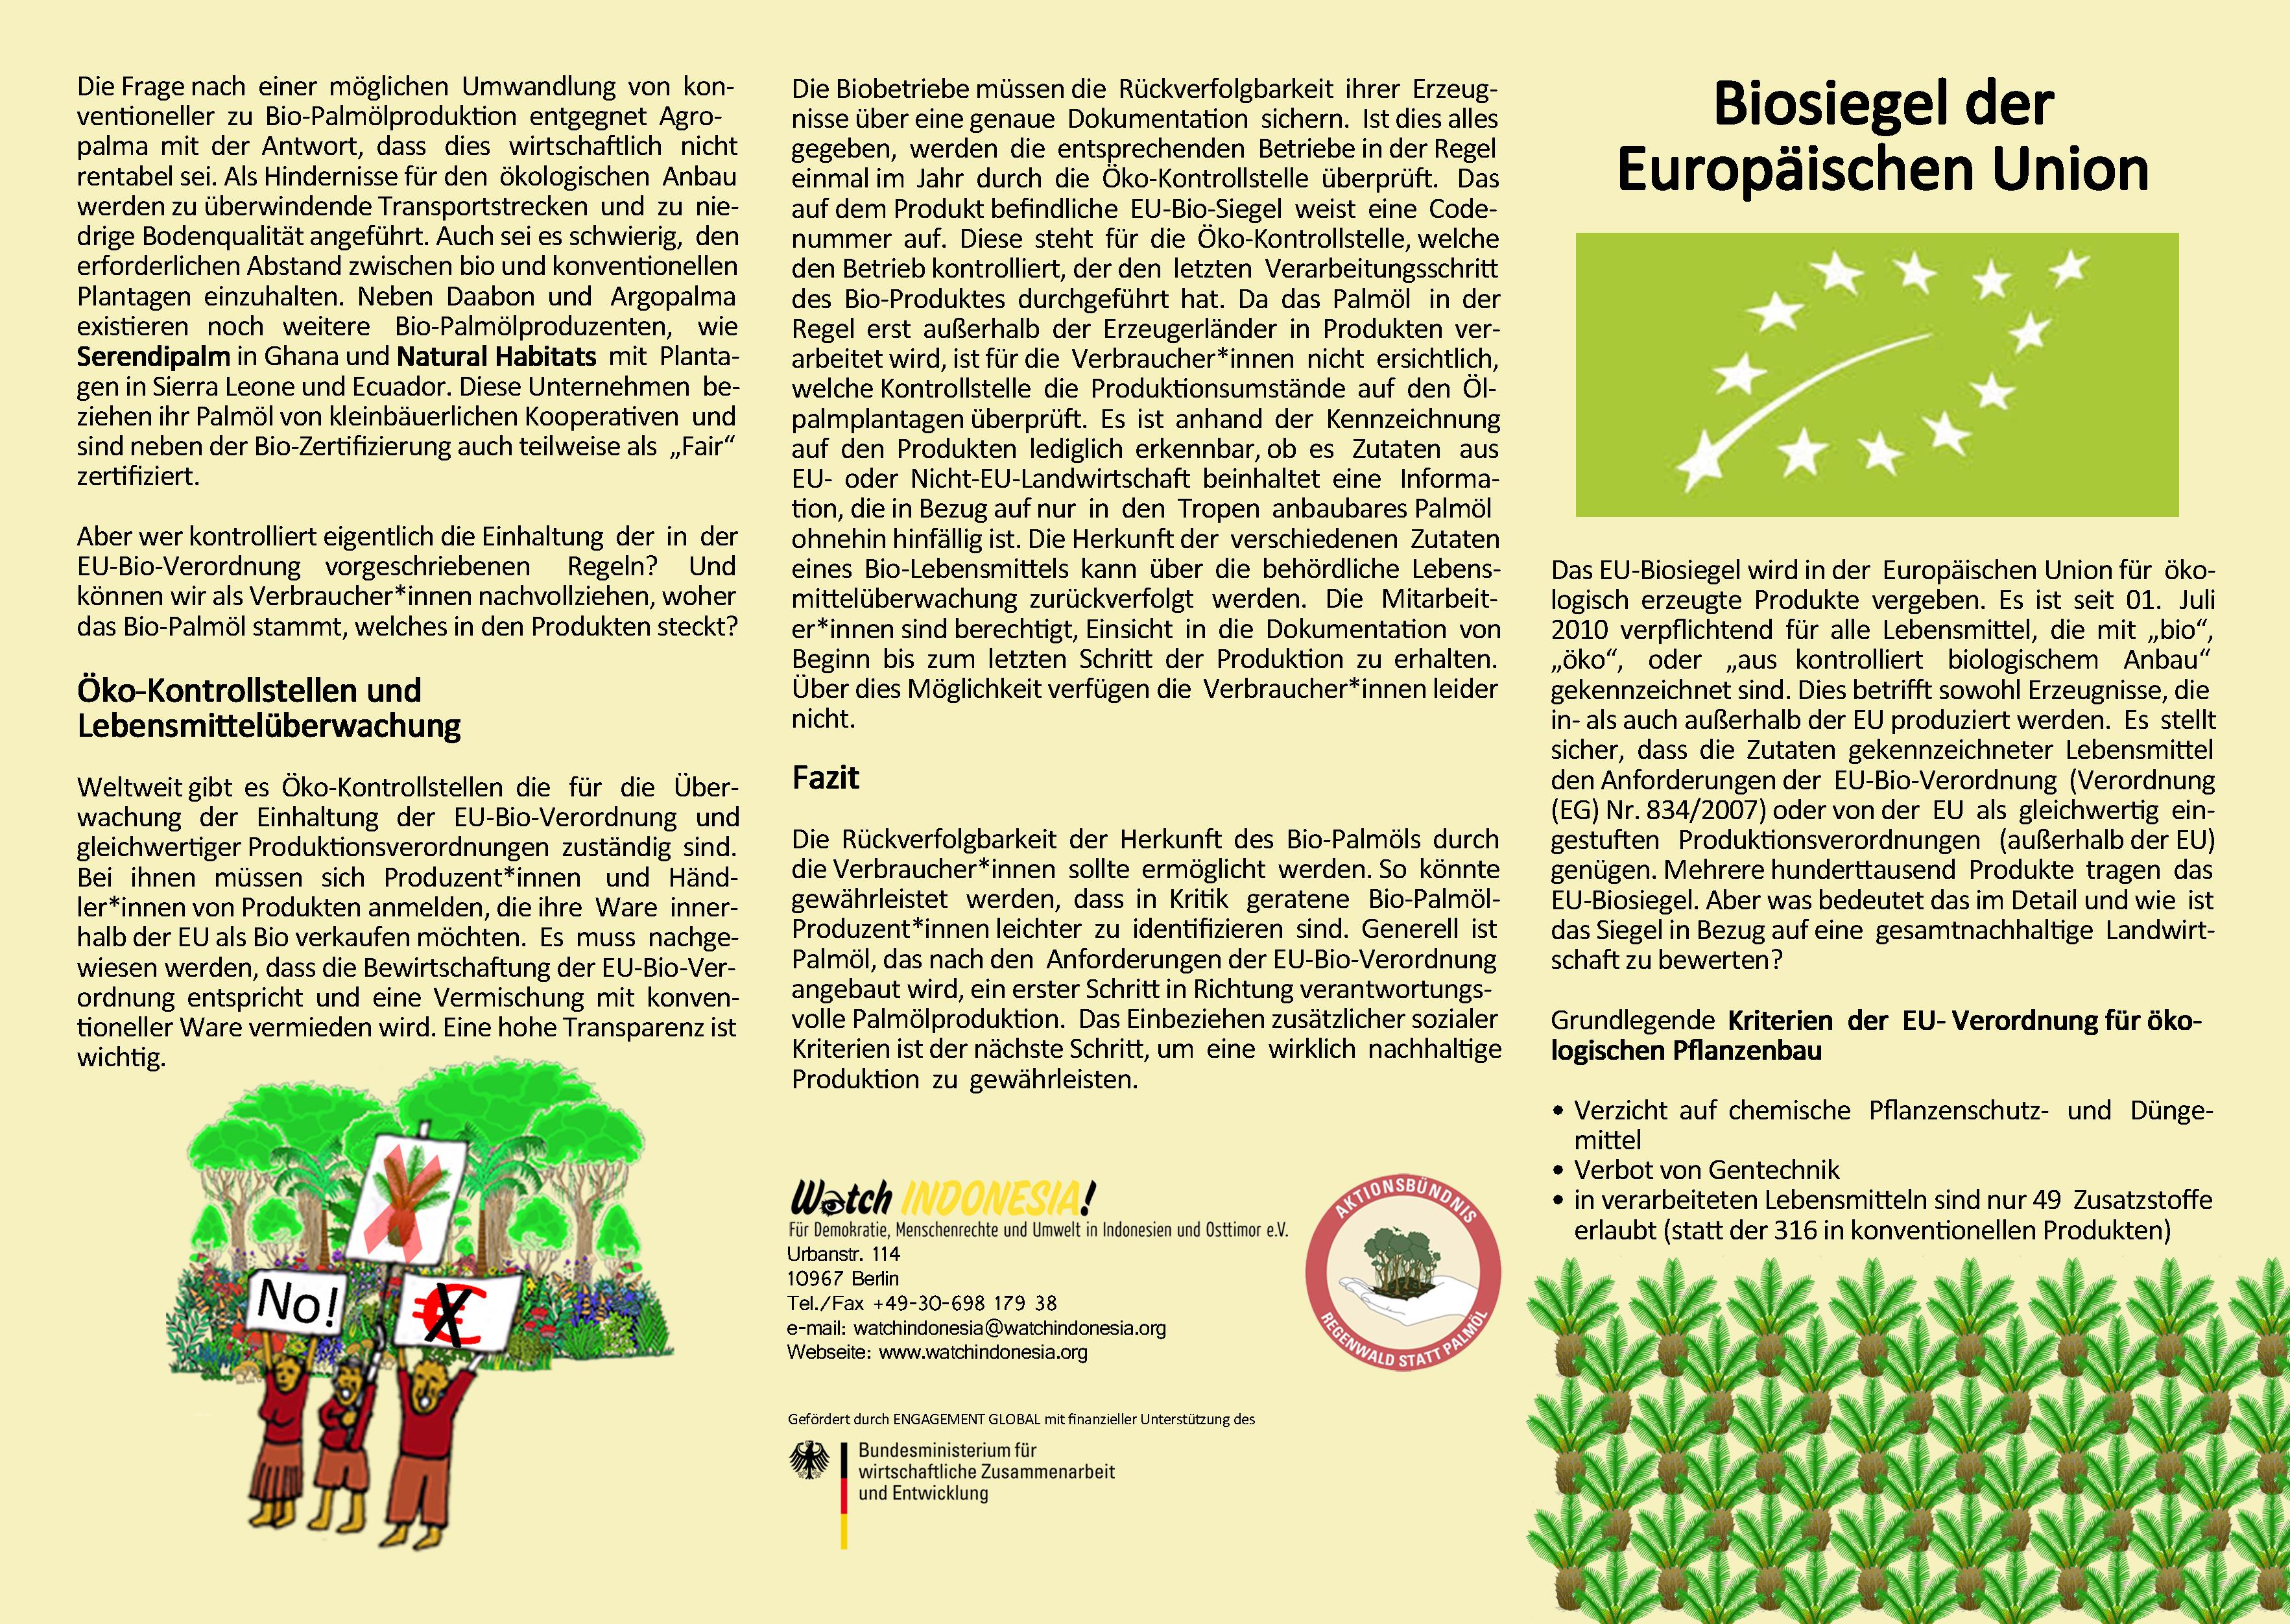 EU_Biosiegel_Vorderseite